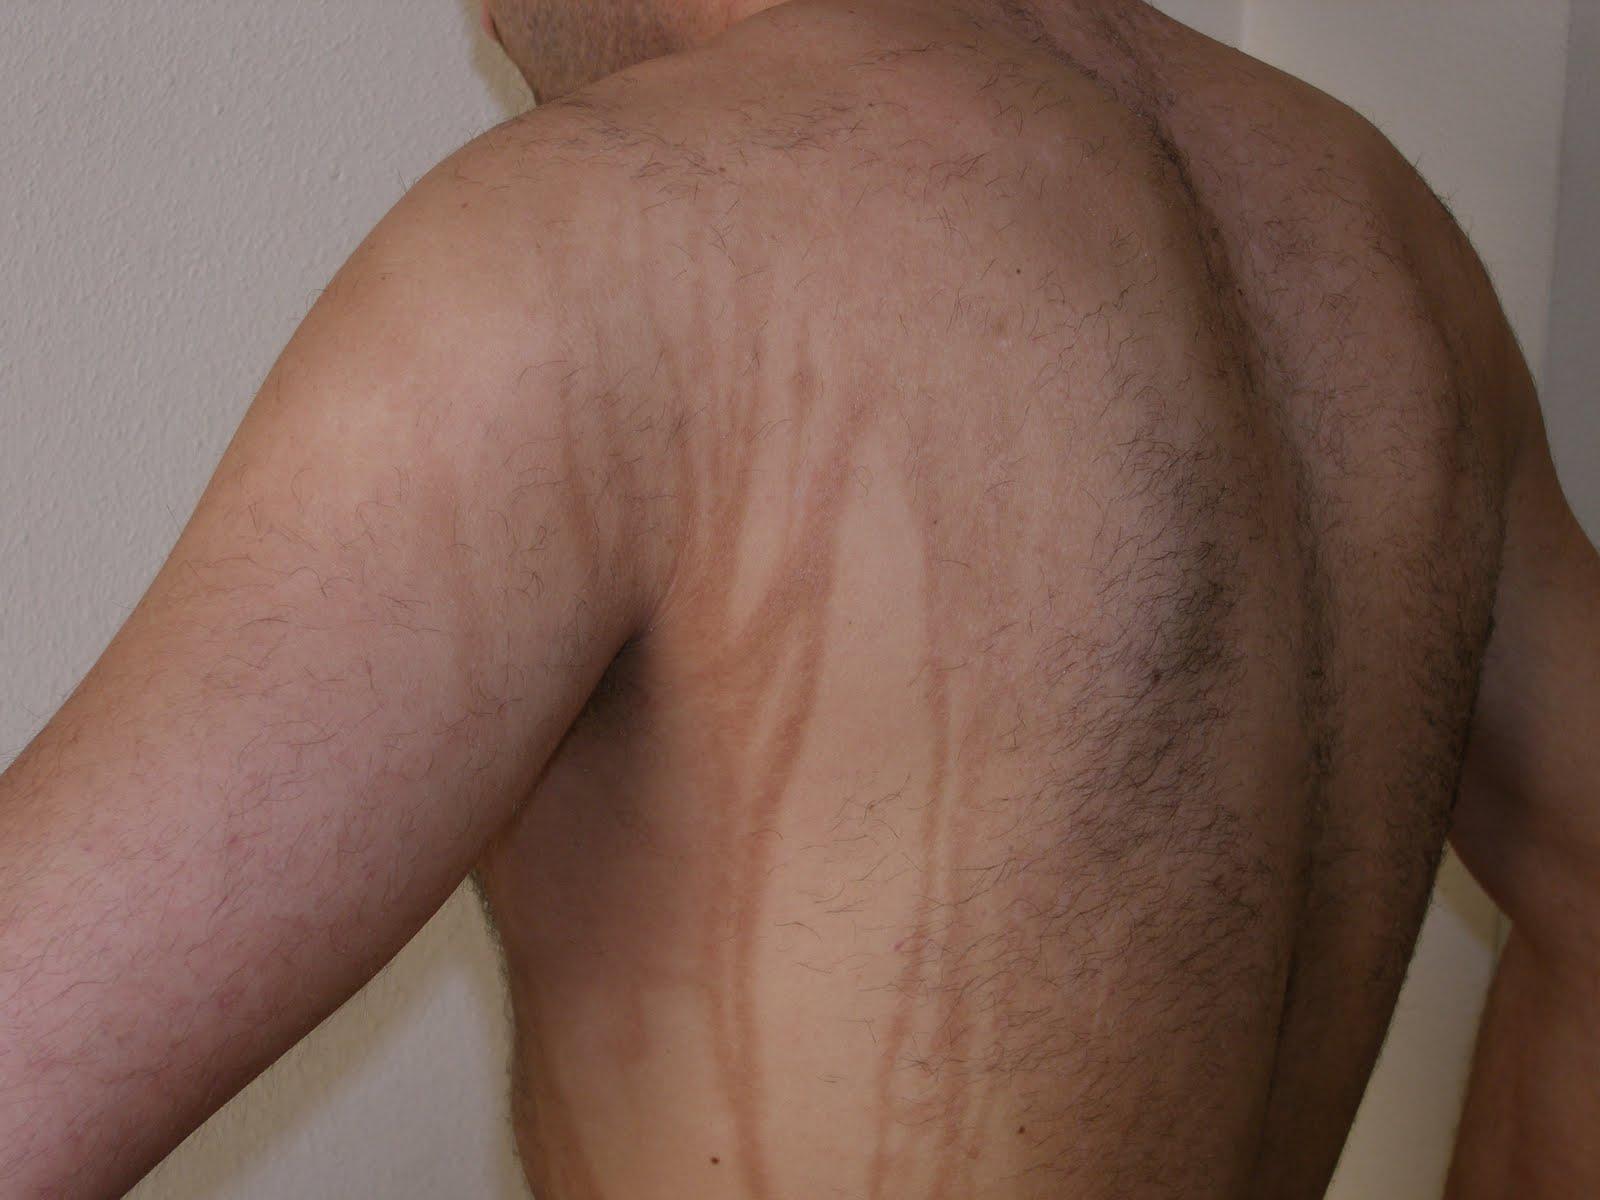 Monoklonalnye los preparados de la psoriasis